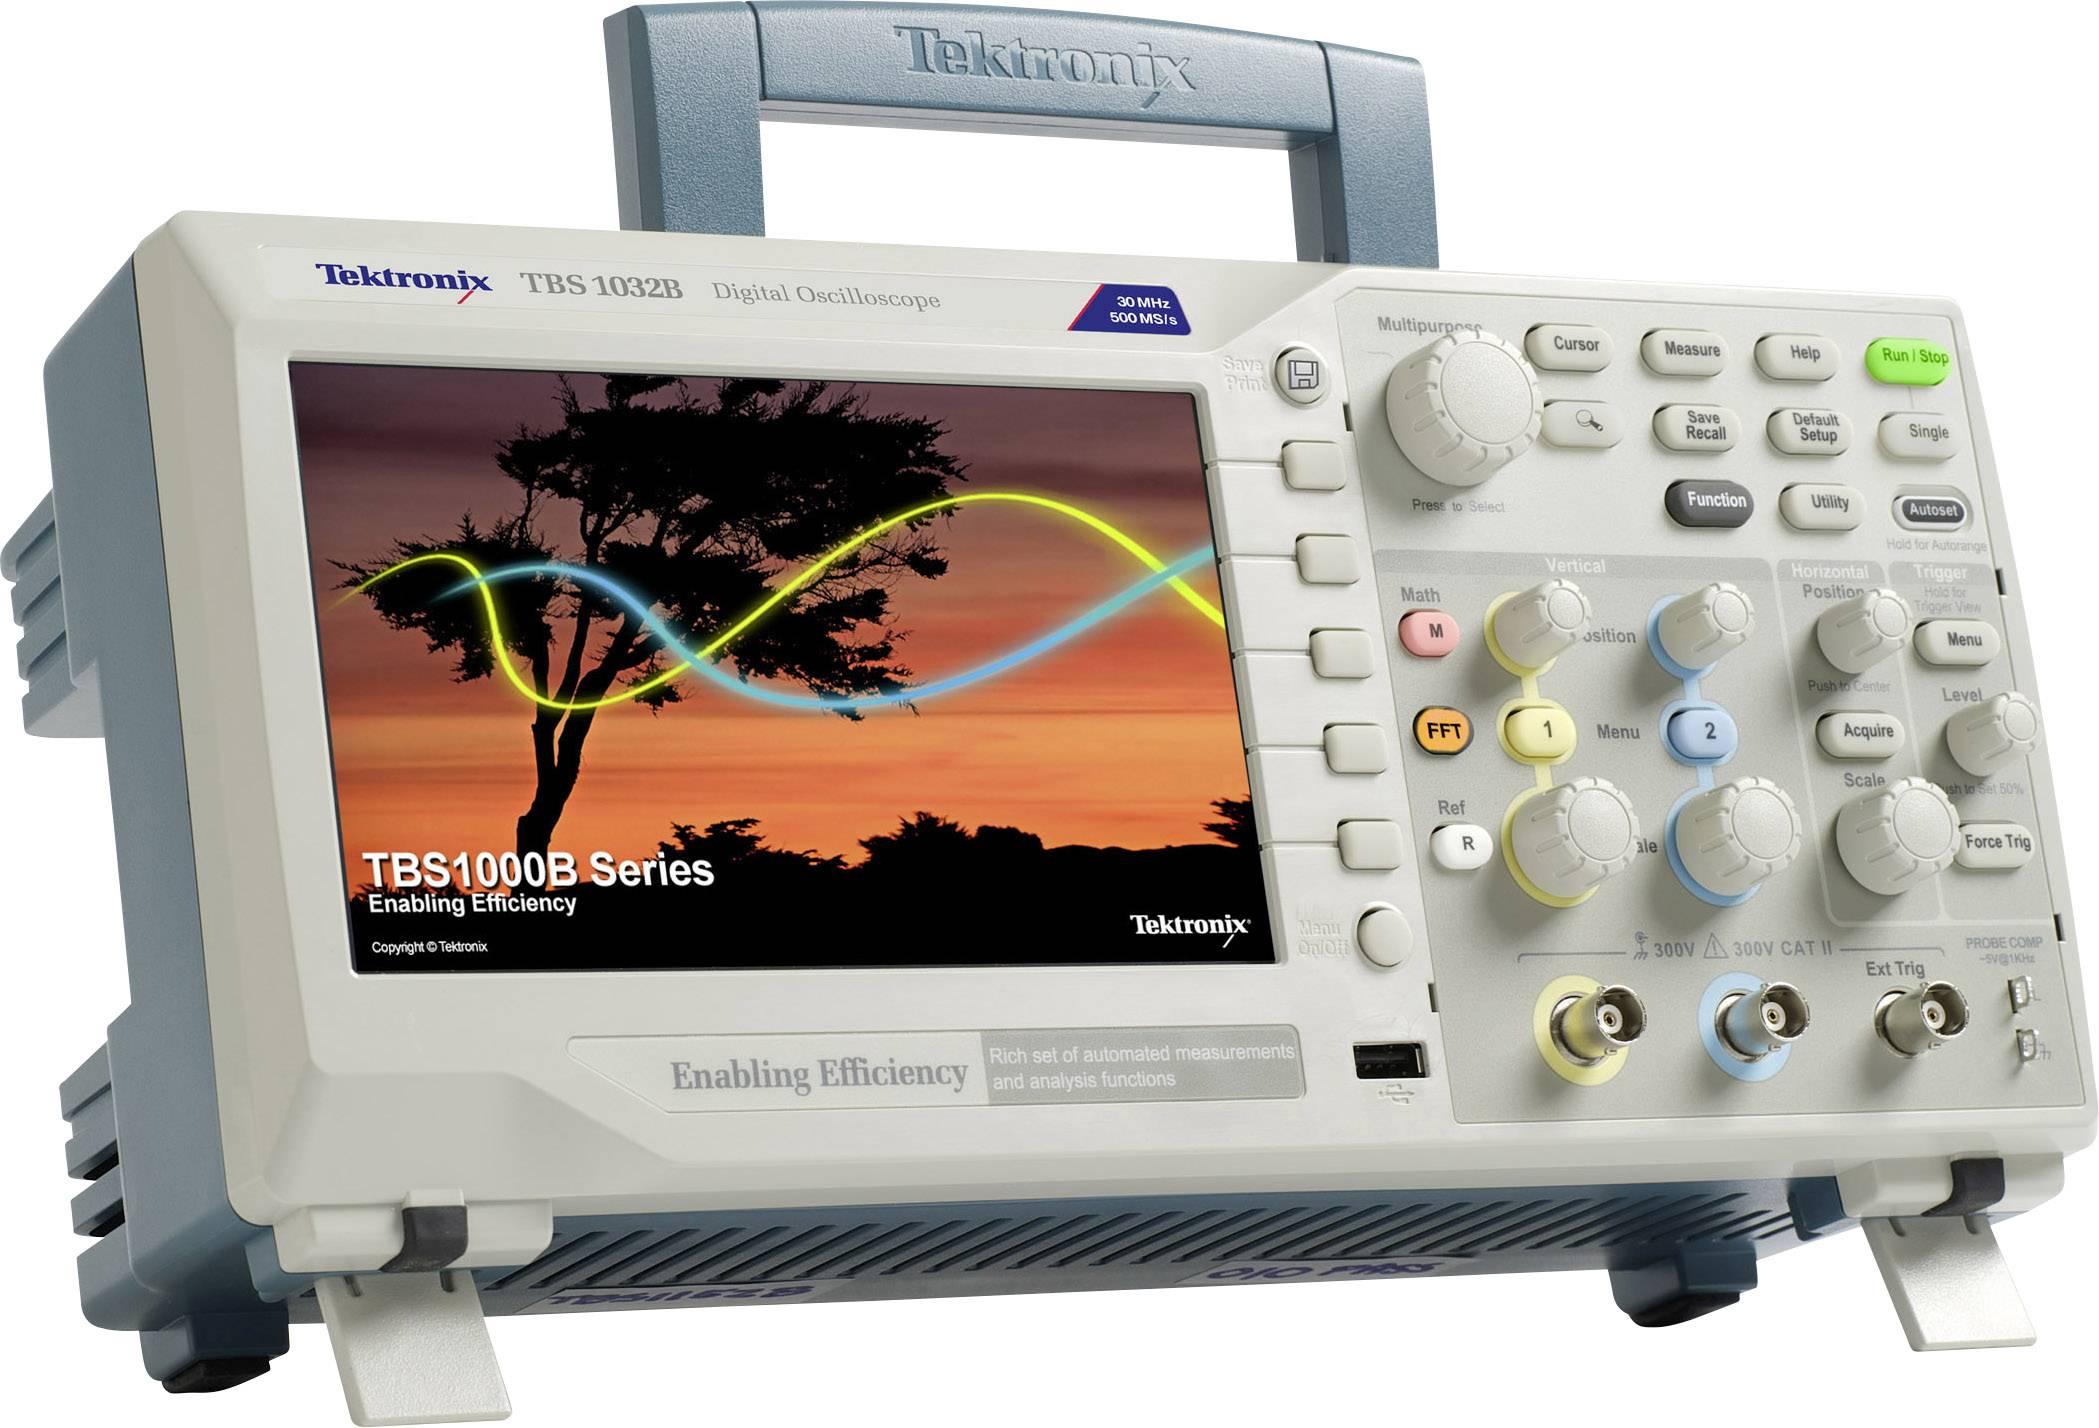 Digitální osciloskop Tektronix TBS1032B, 30 MHz, 2kanálová, Kalibrováno dle ISO